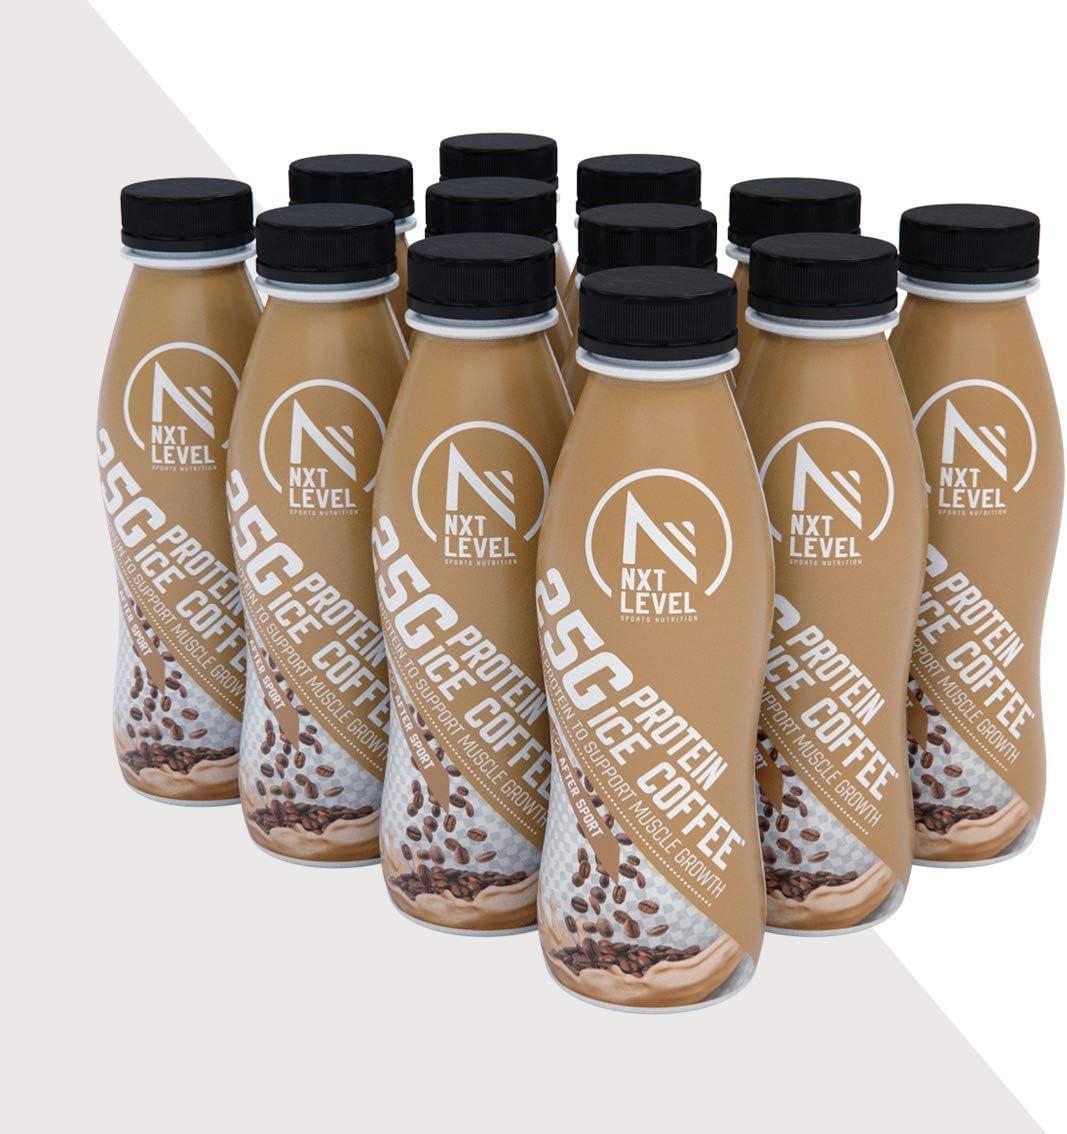 NXT Level Batido De Proteína - Café Helado 330 ml: Amazon.es ...